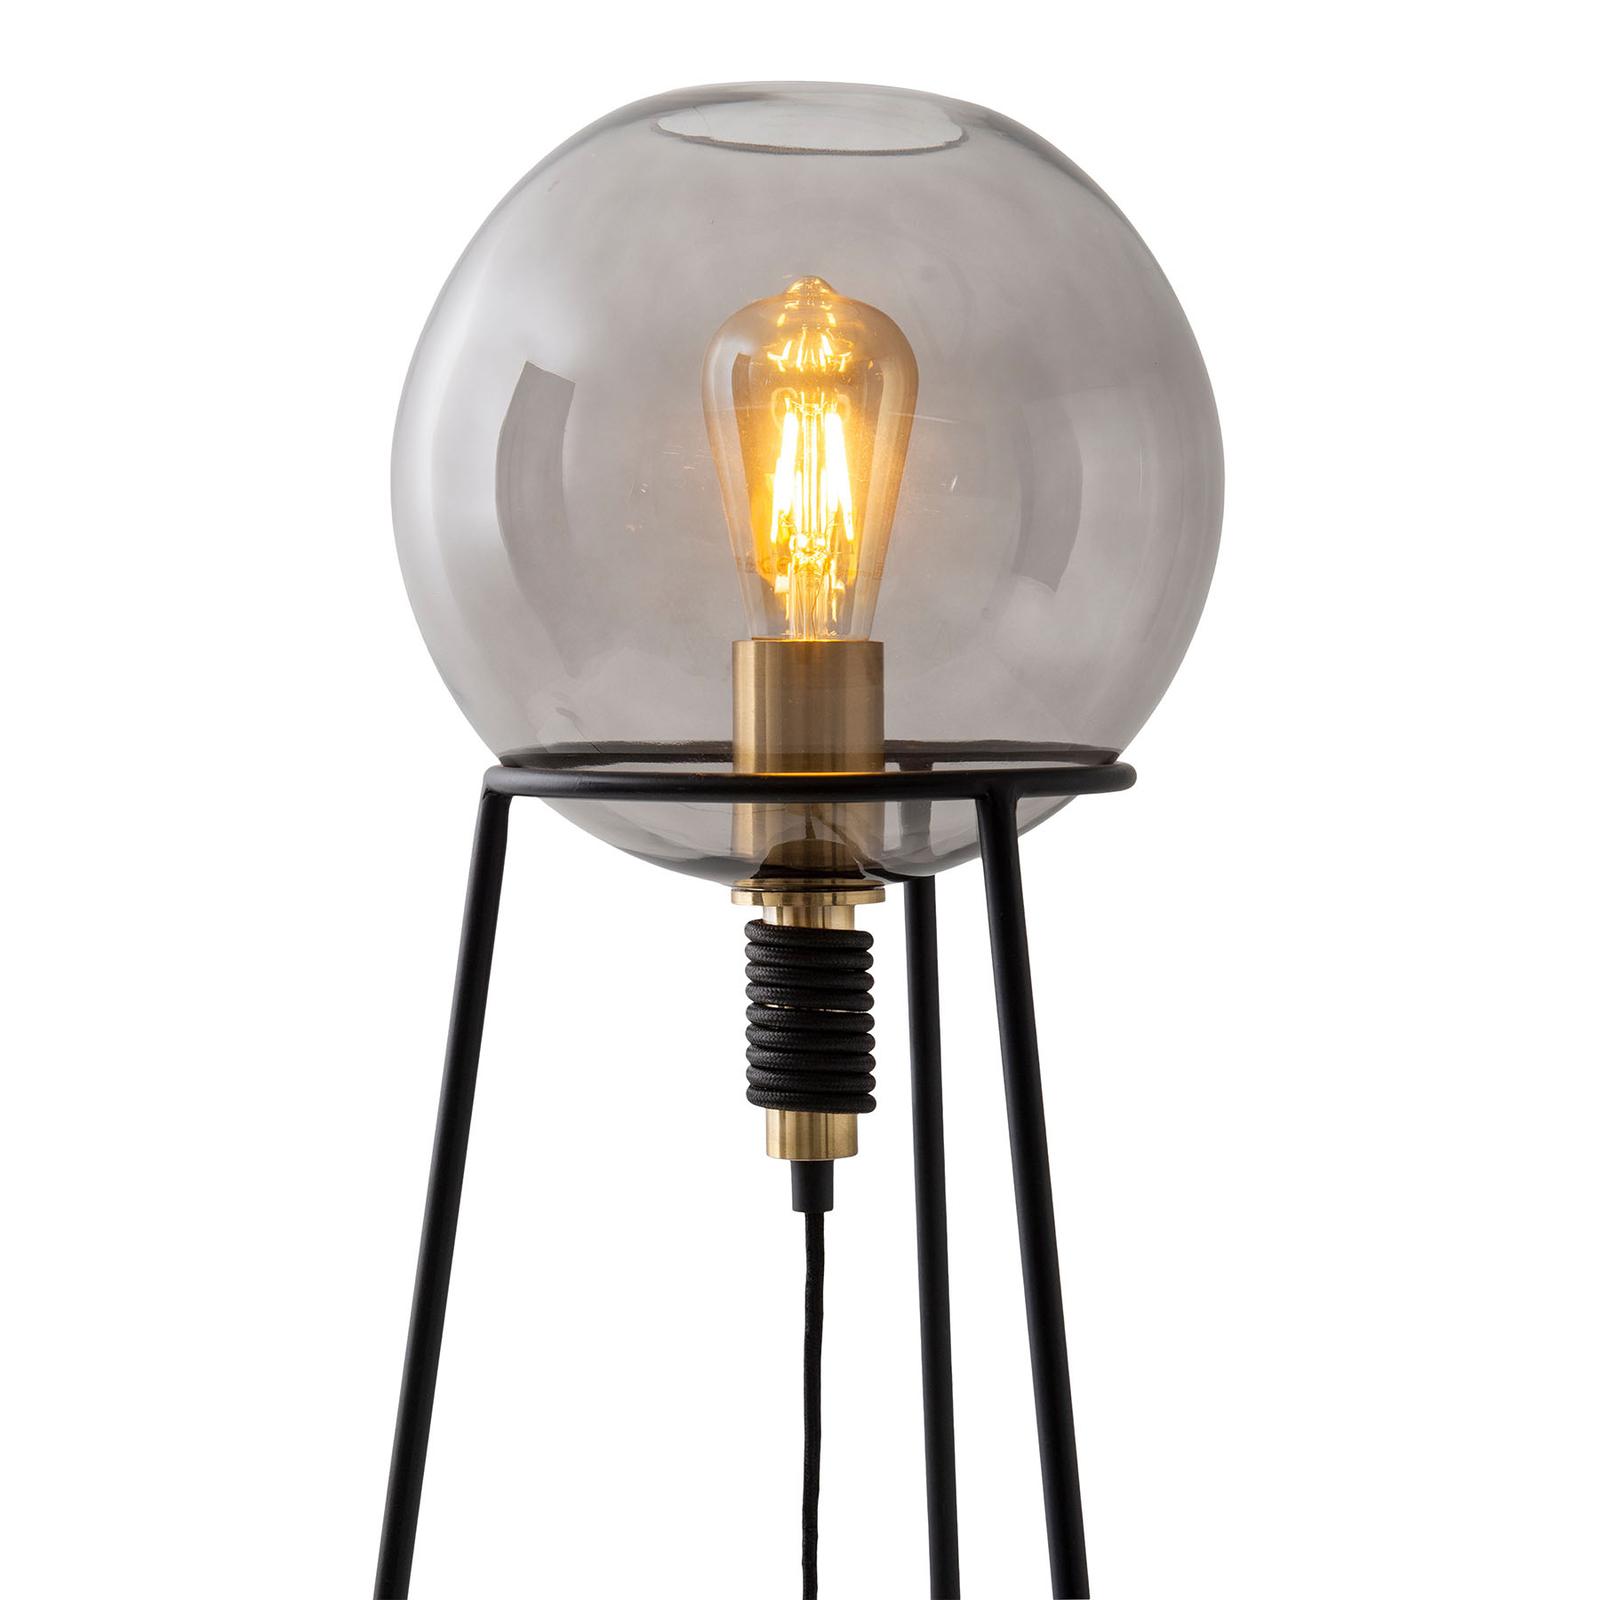 Tafellamp Stelo met glasbol-kap